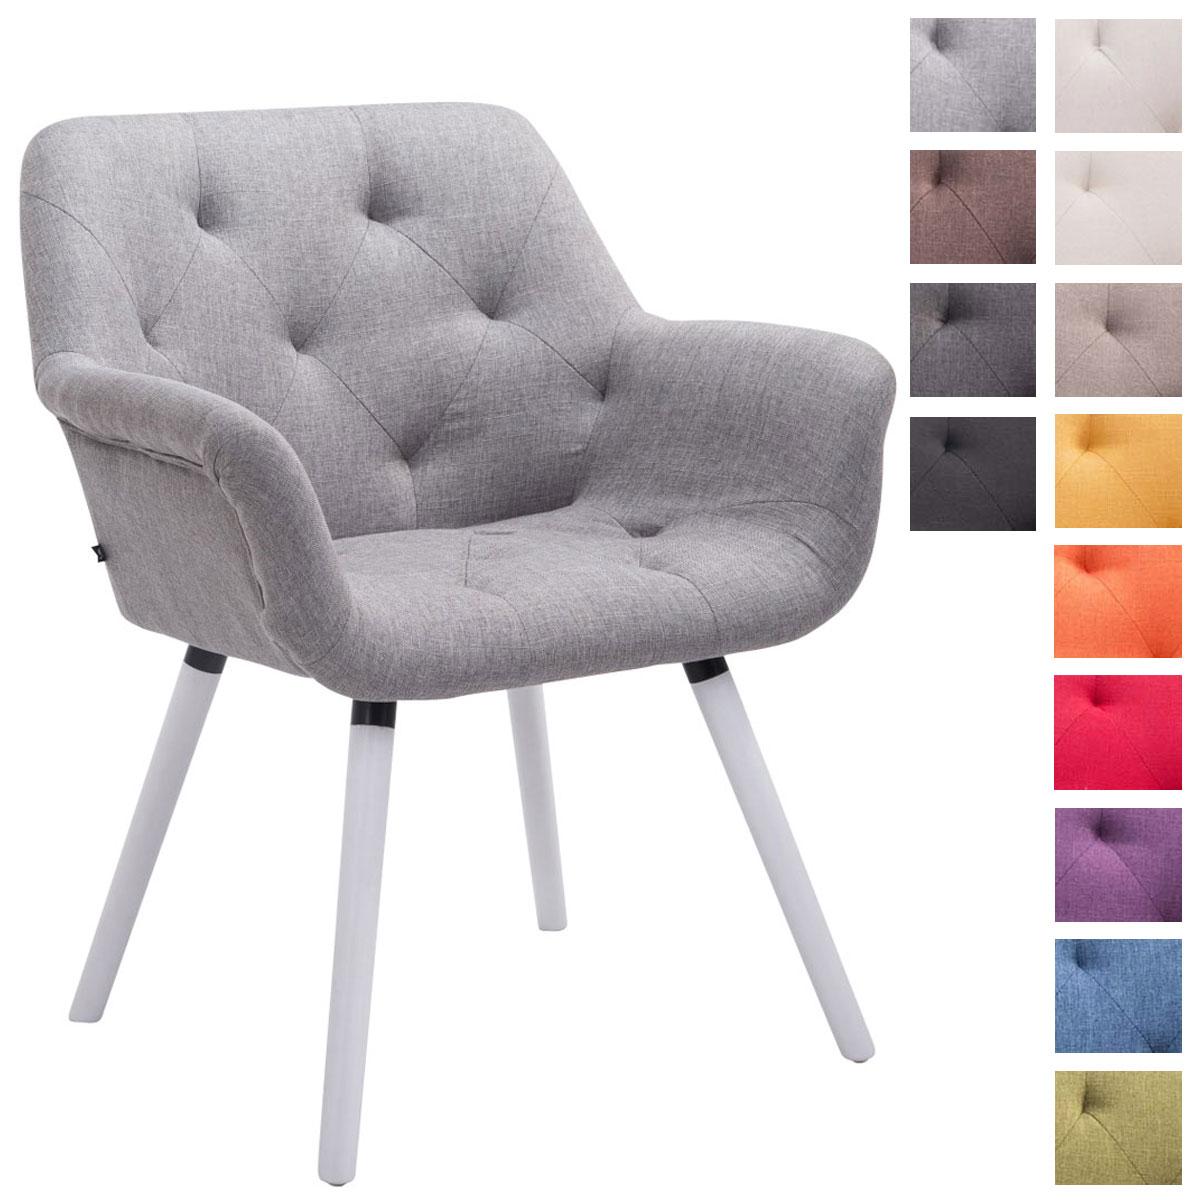 details sur chaise salle a manger cassidy tissu pieds bois de hetre blanc design scandinave